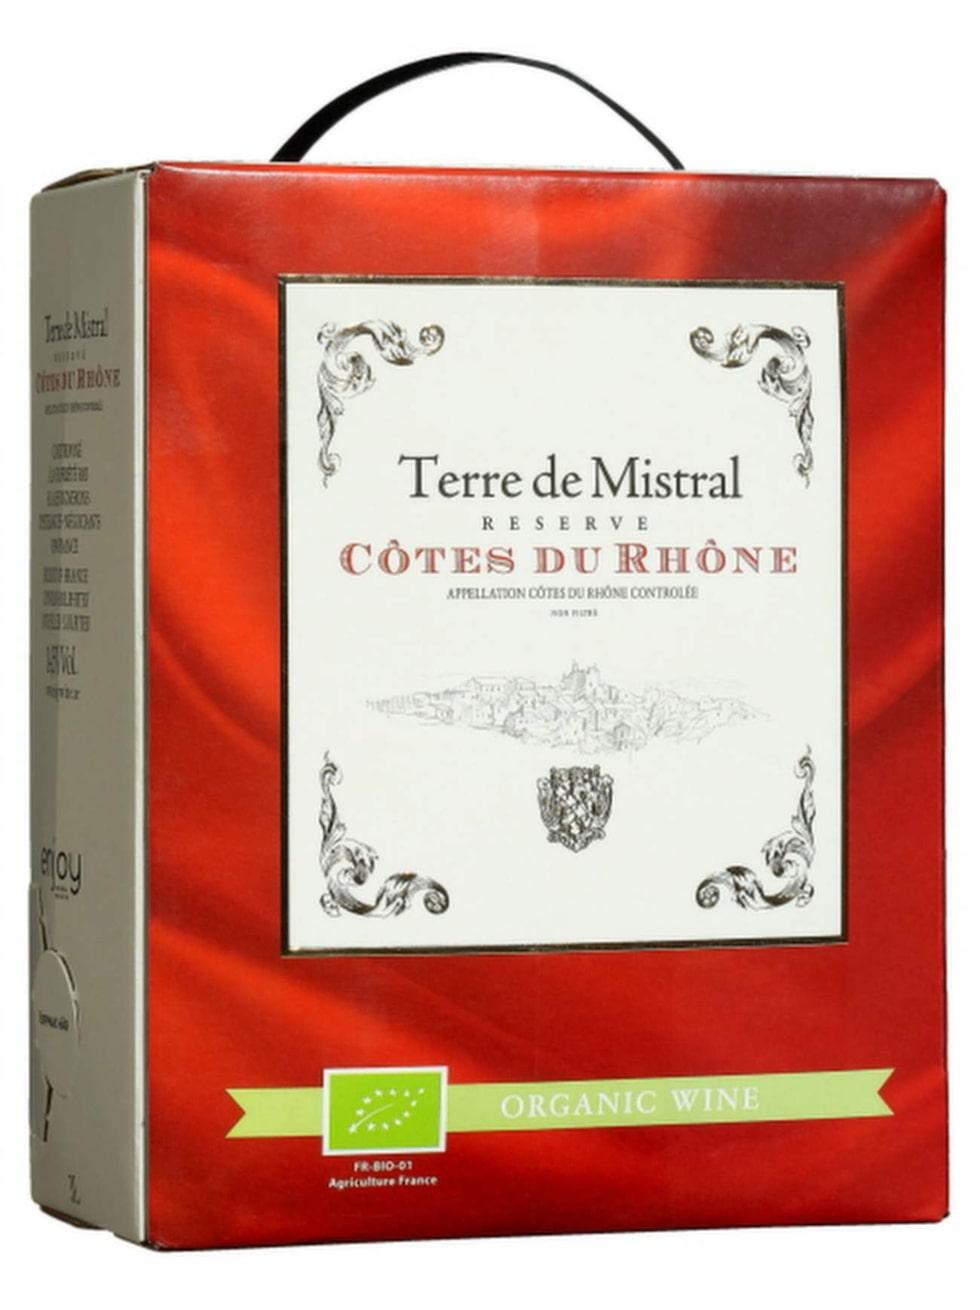 RöttTerre de Mistral 2013(10682) Rhônedalen, 245 kr (3 liter)Kryddigt och generöst med drag av mogna hallon, örter och lakrits. Ekologiskt. Gärna till örtspäckad fläskfilé.